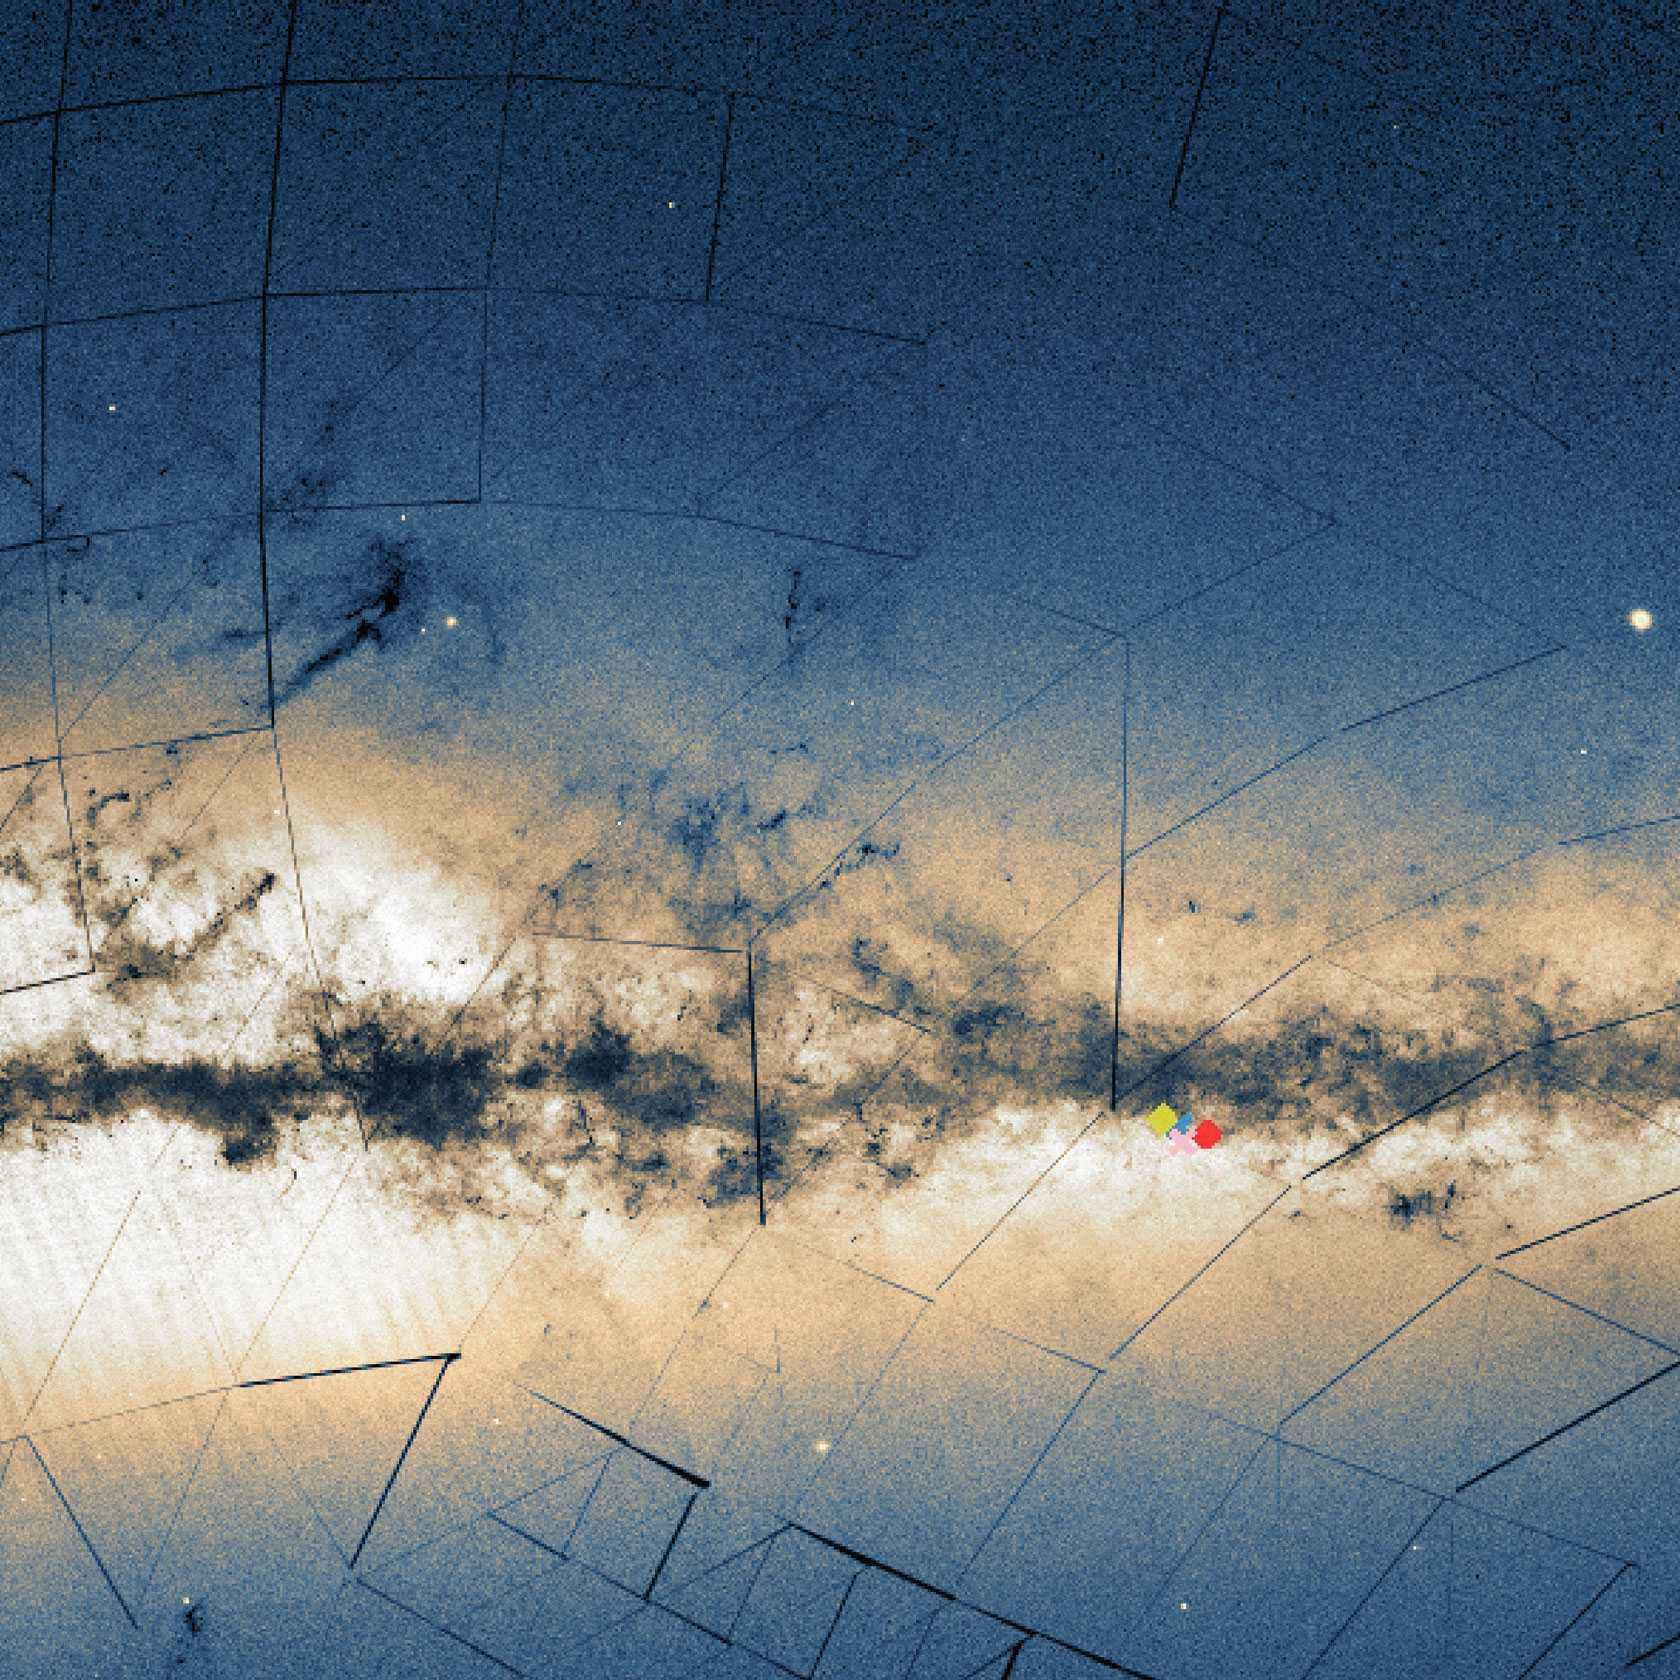 Visão panorâmica da Via Láctea com as posições dos aglomerados UFMG 1 (vermelho), UFMG 2 (azul) e UFMG 3 (amarelo), descobertos pela equipe do ICEx quando estudava o NGC 5999 (rosa). As regiões escuras representam nuvens interestelares de gás e poeira. A luz das estrelas que compõem a galáxia gera o brilho esbranquiçado que permeia a área central da imagem